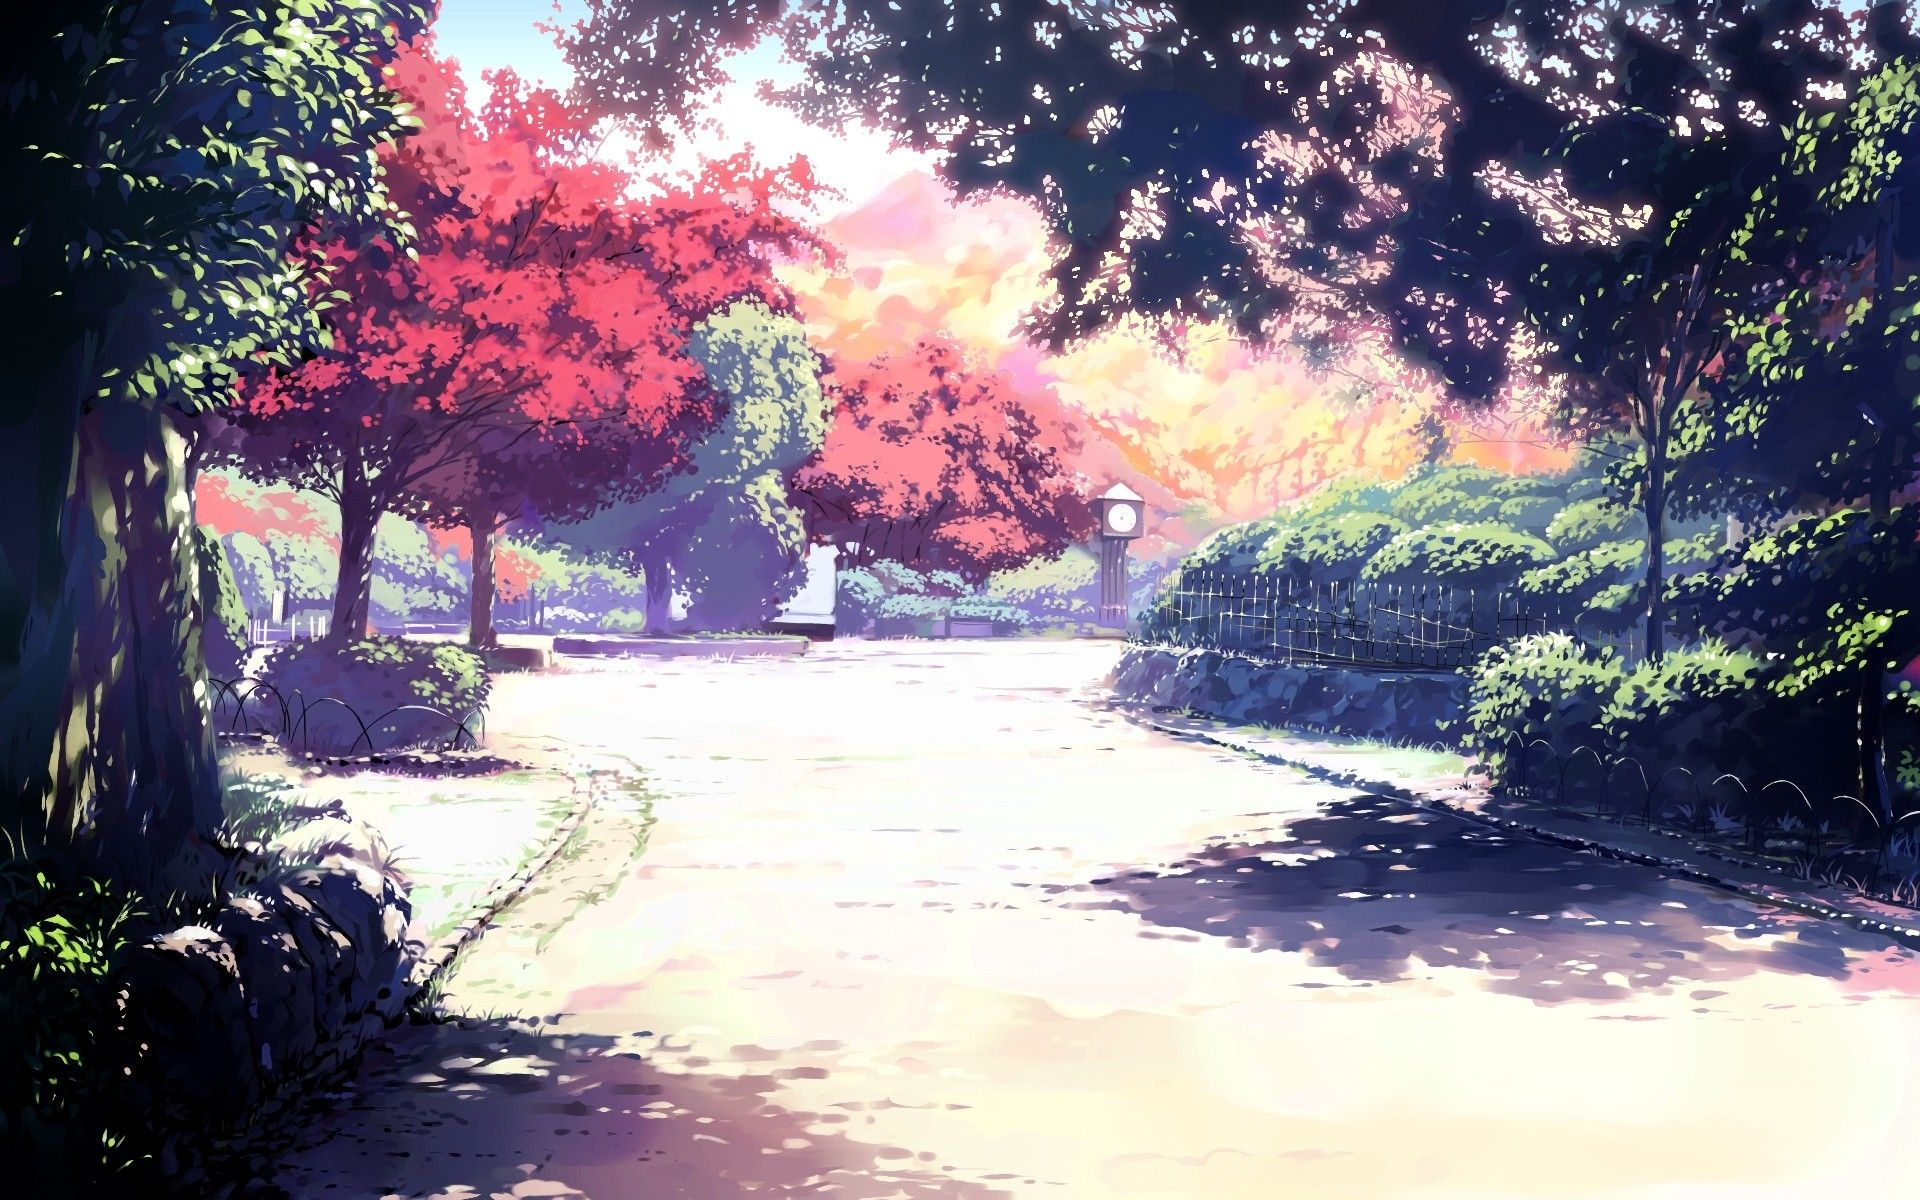 Sunlight Anime Blurred Spirited Away Wallpaper Anime Scenery Anime Scenery Wallpaper Anime Background